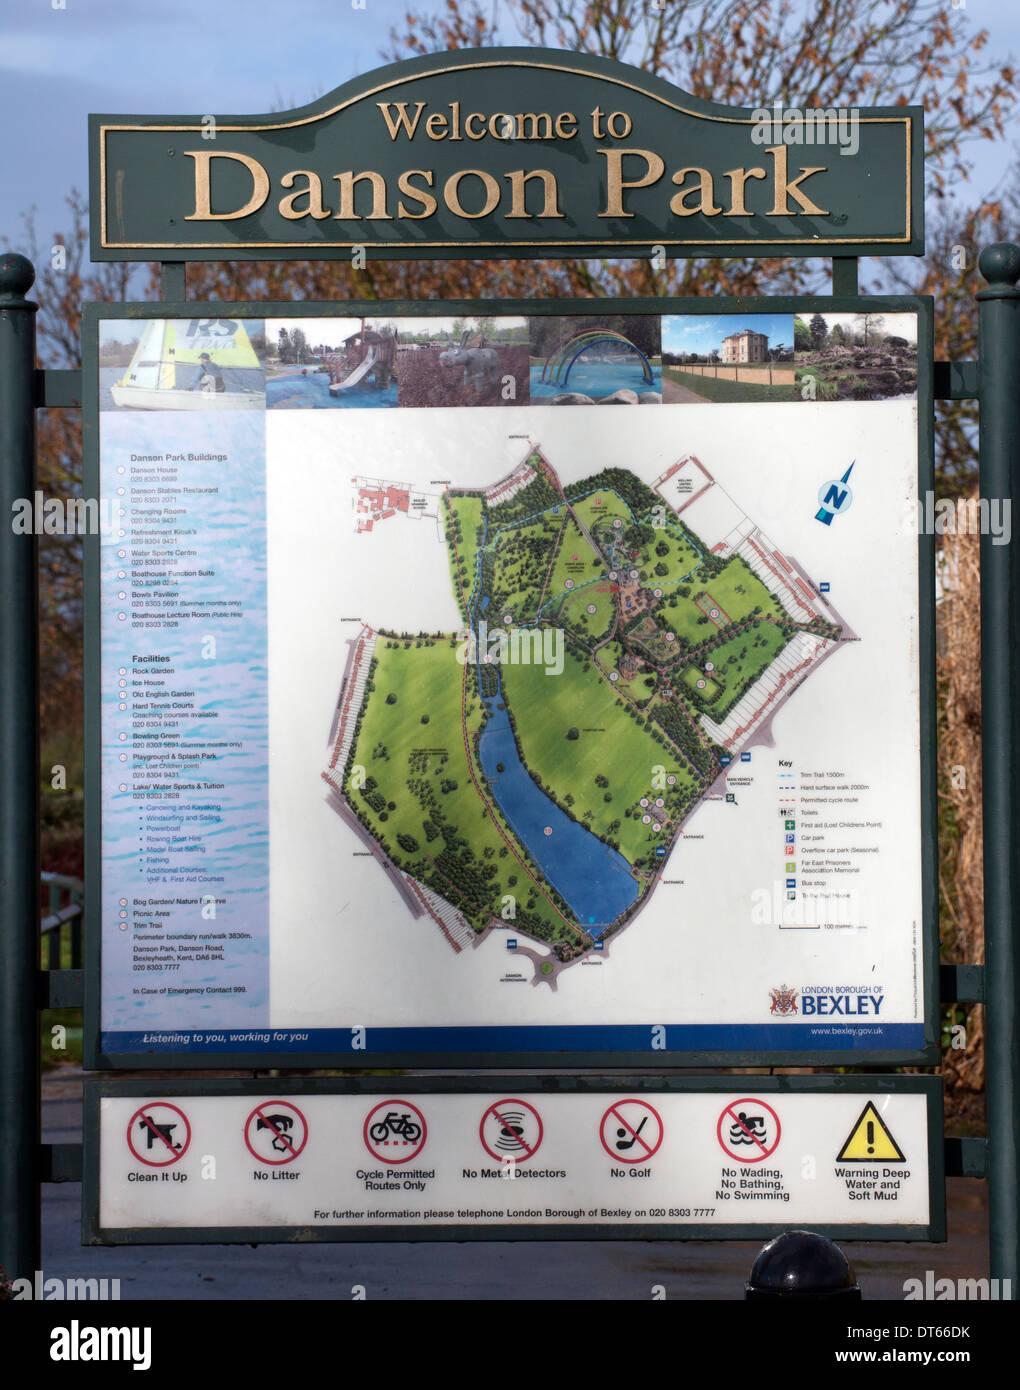 Segno di benvenuto a Danson Park, Bexley, nel sud est di Londra, Inghilterra, Regno Unito. Immagini Stock